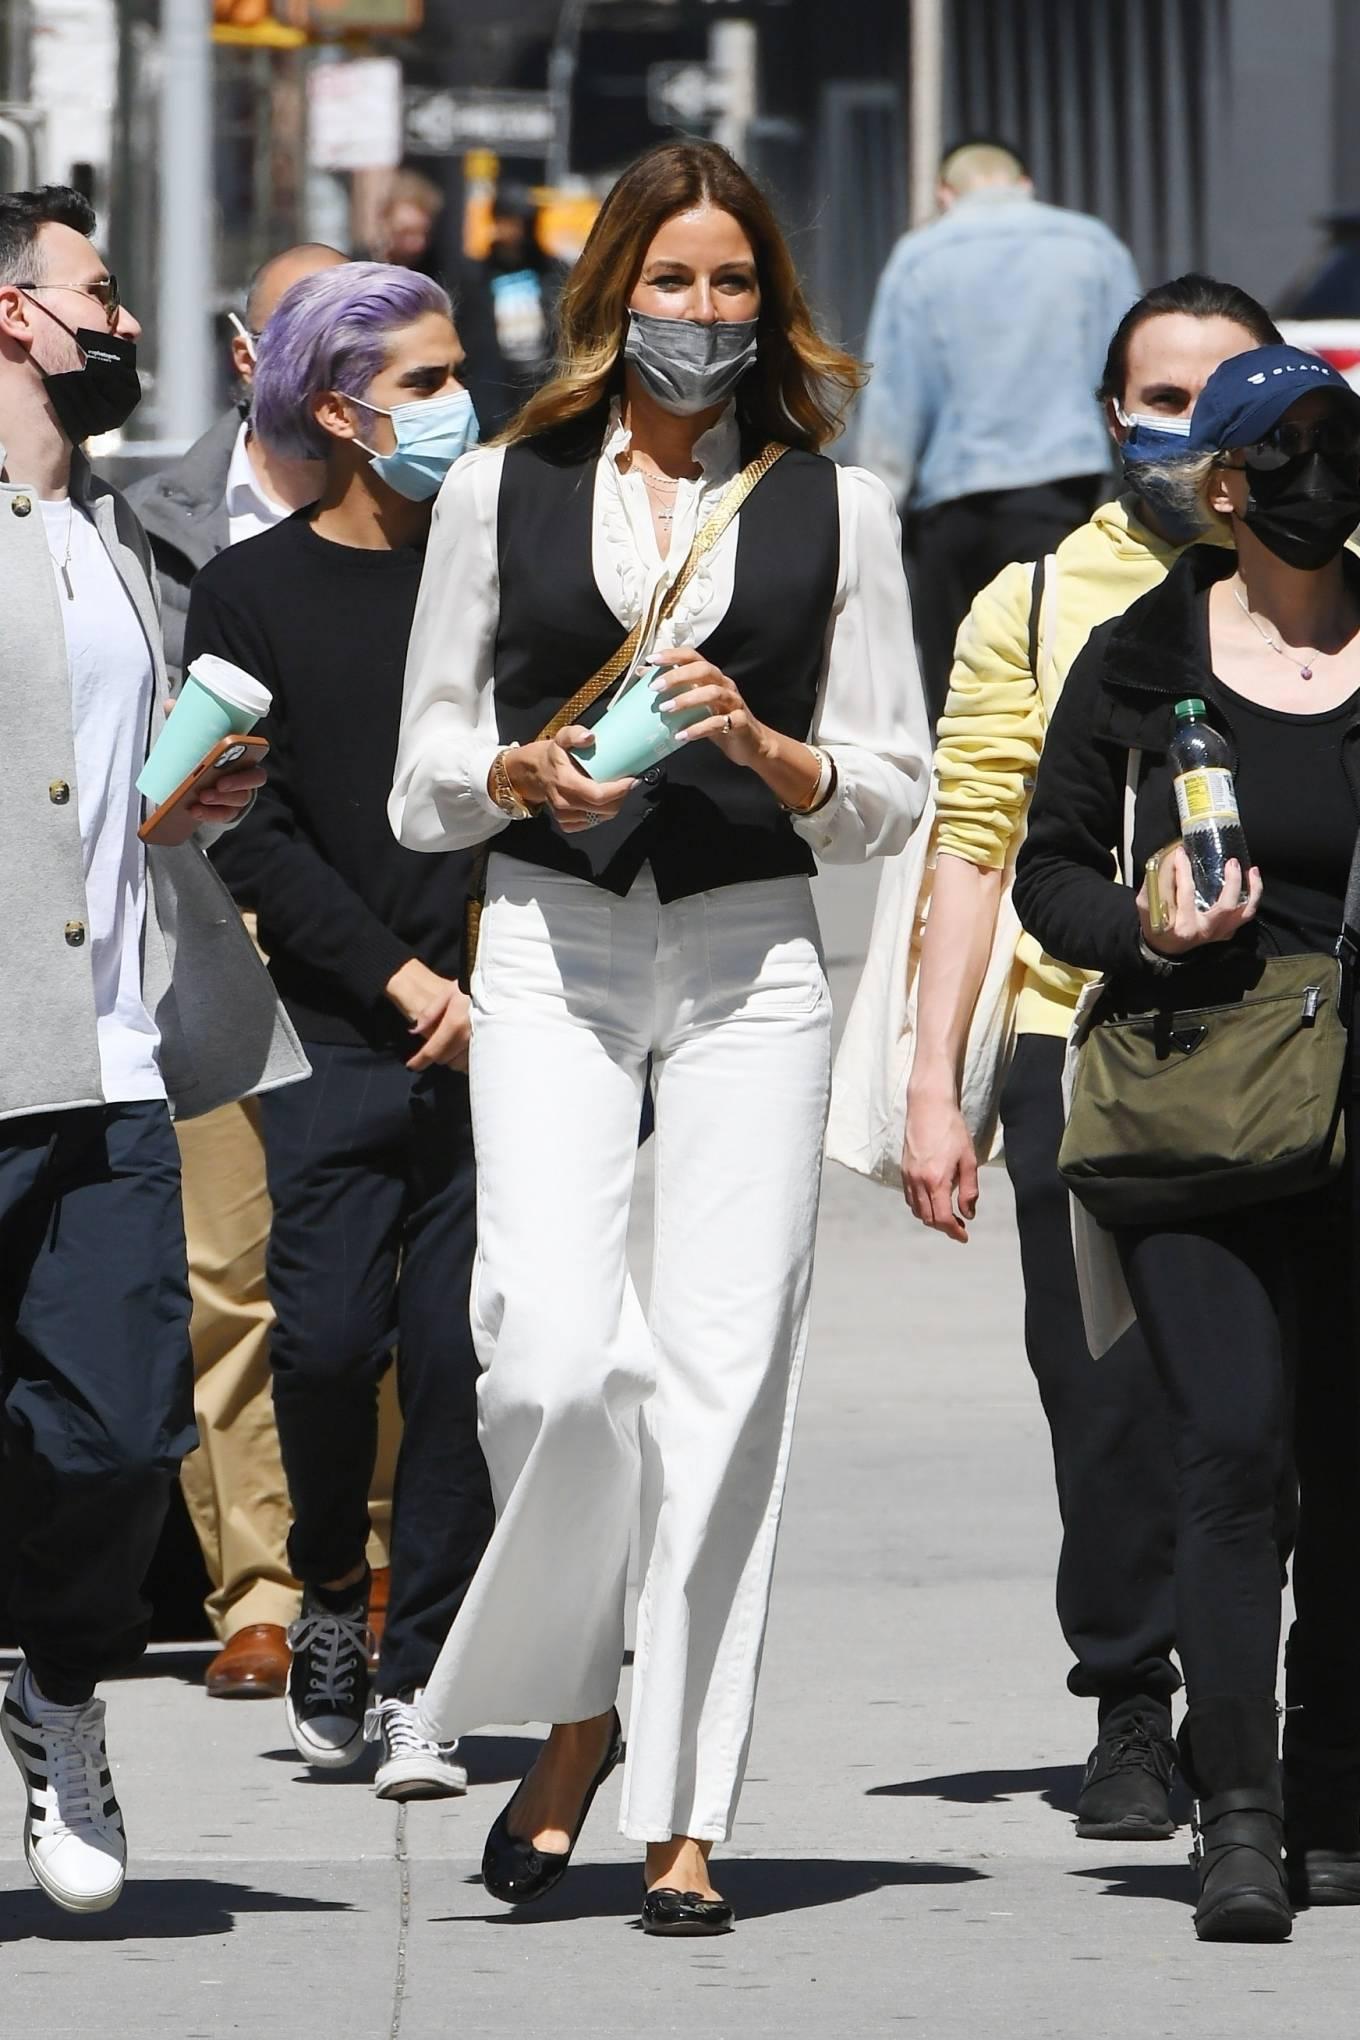 Kelly Bensimon 2021 : Kelly Killoren Bensimon – Seen in a monochrome outfit in SoHo – New York-06